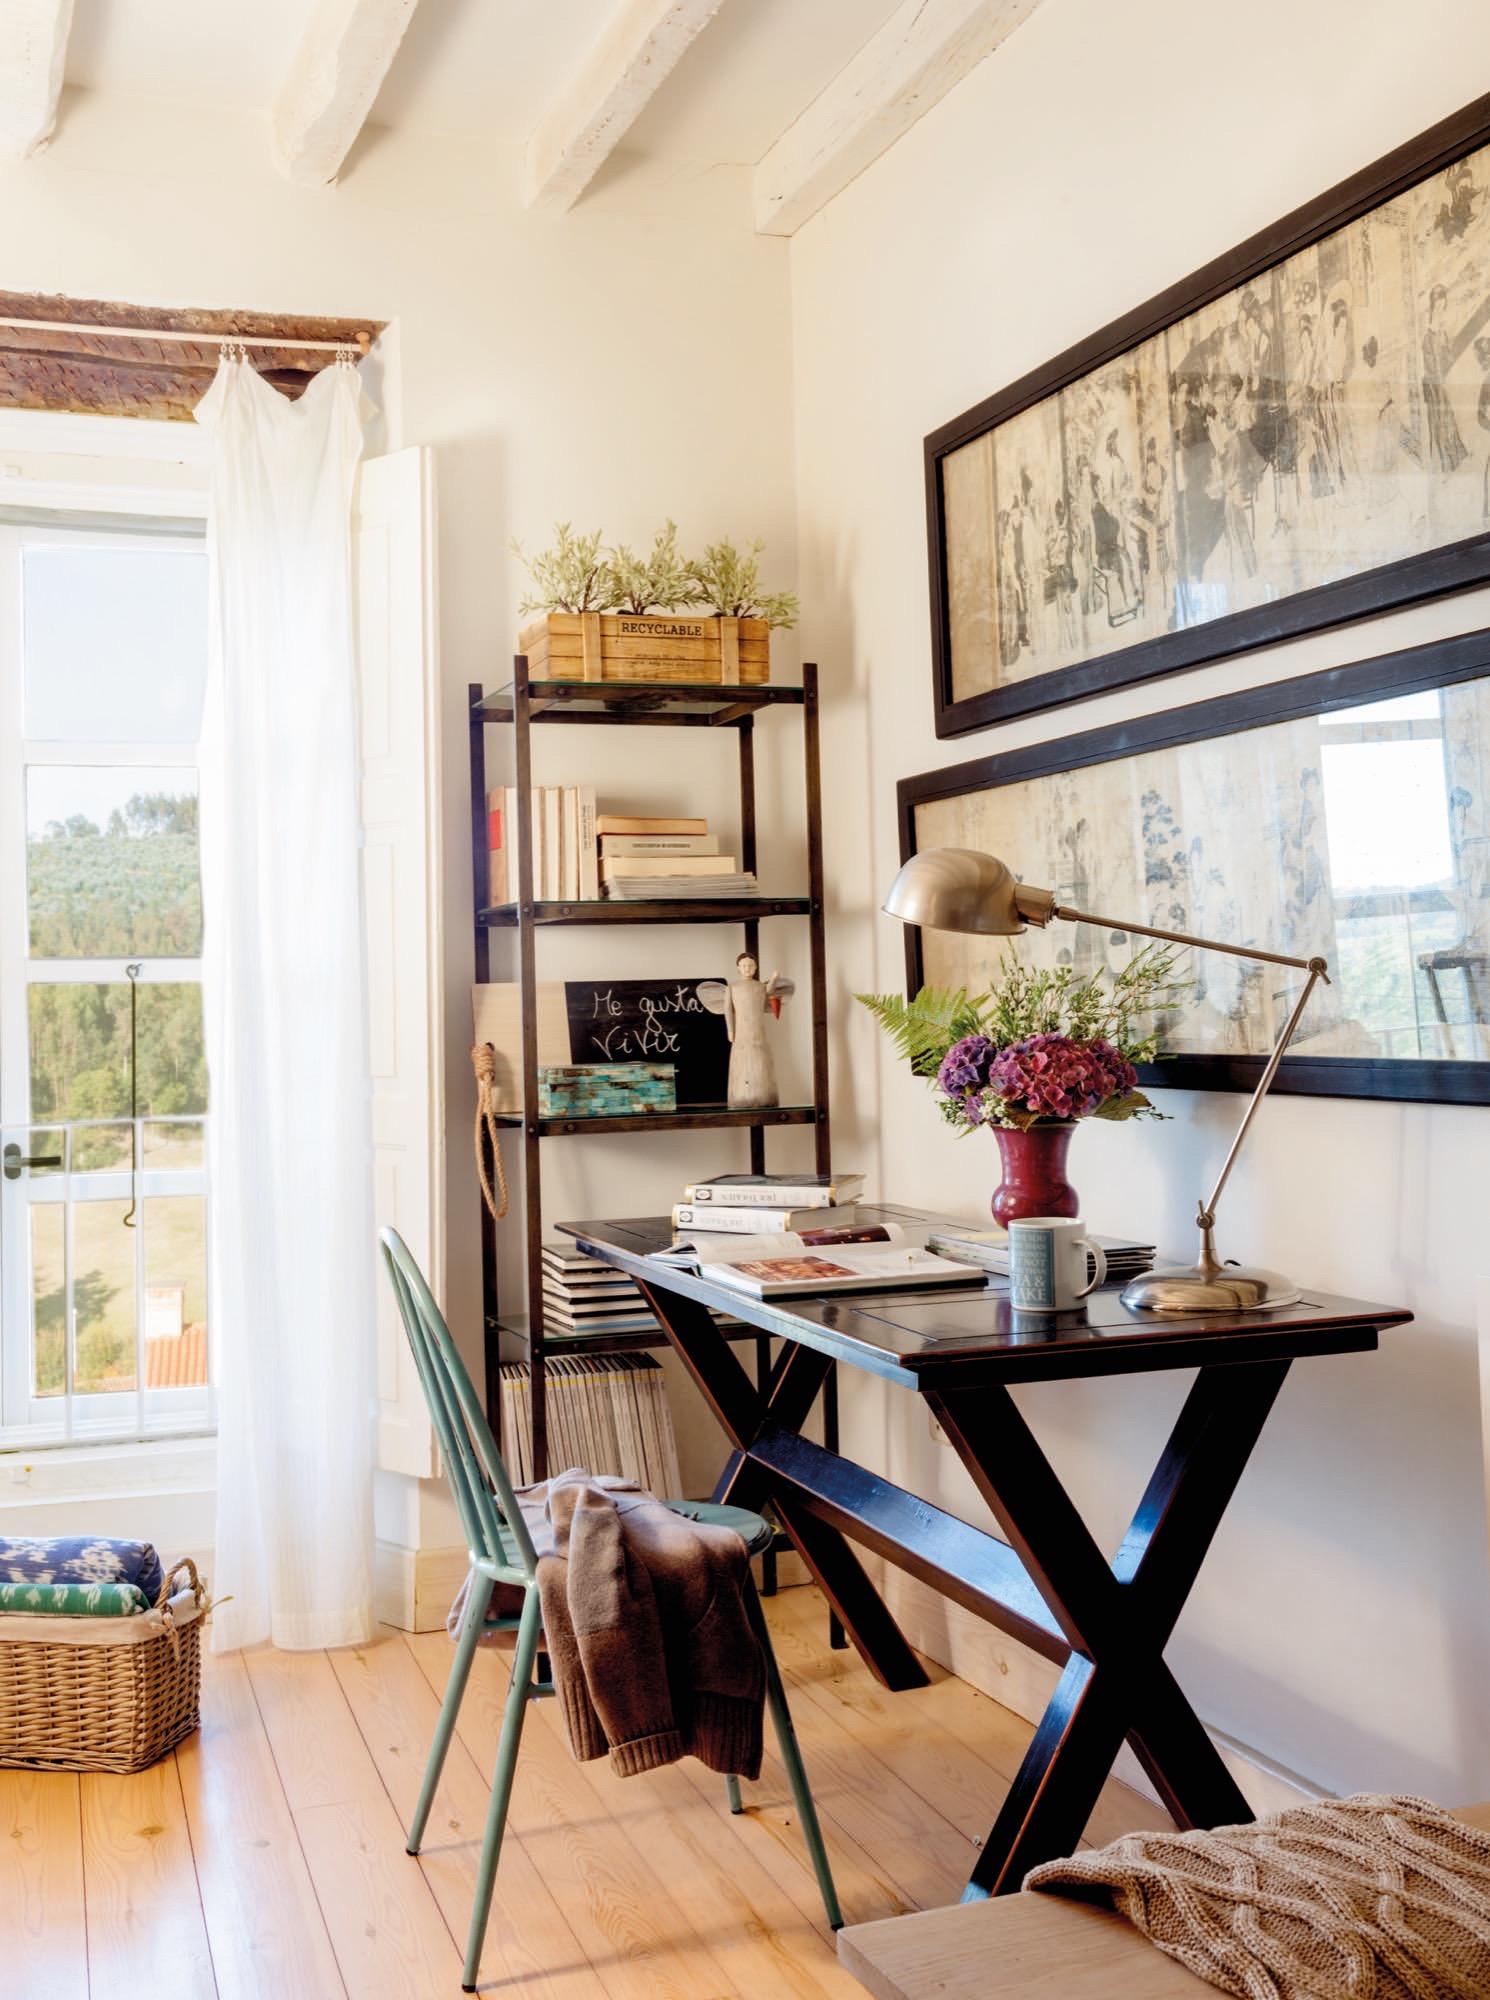 escritorio de madera oscura en una casa rustica